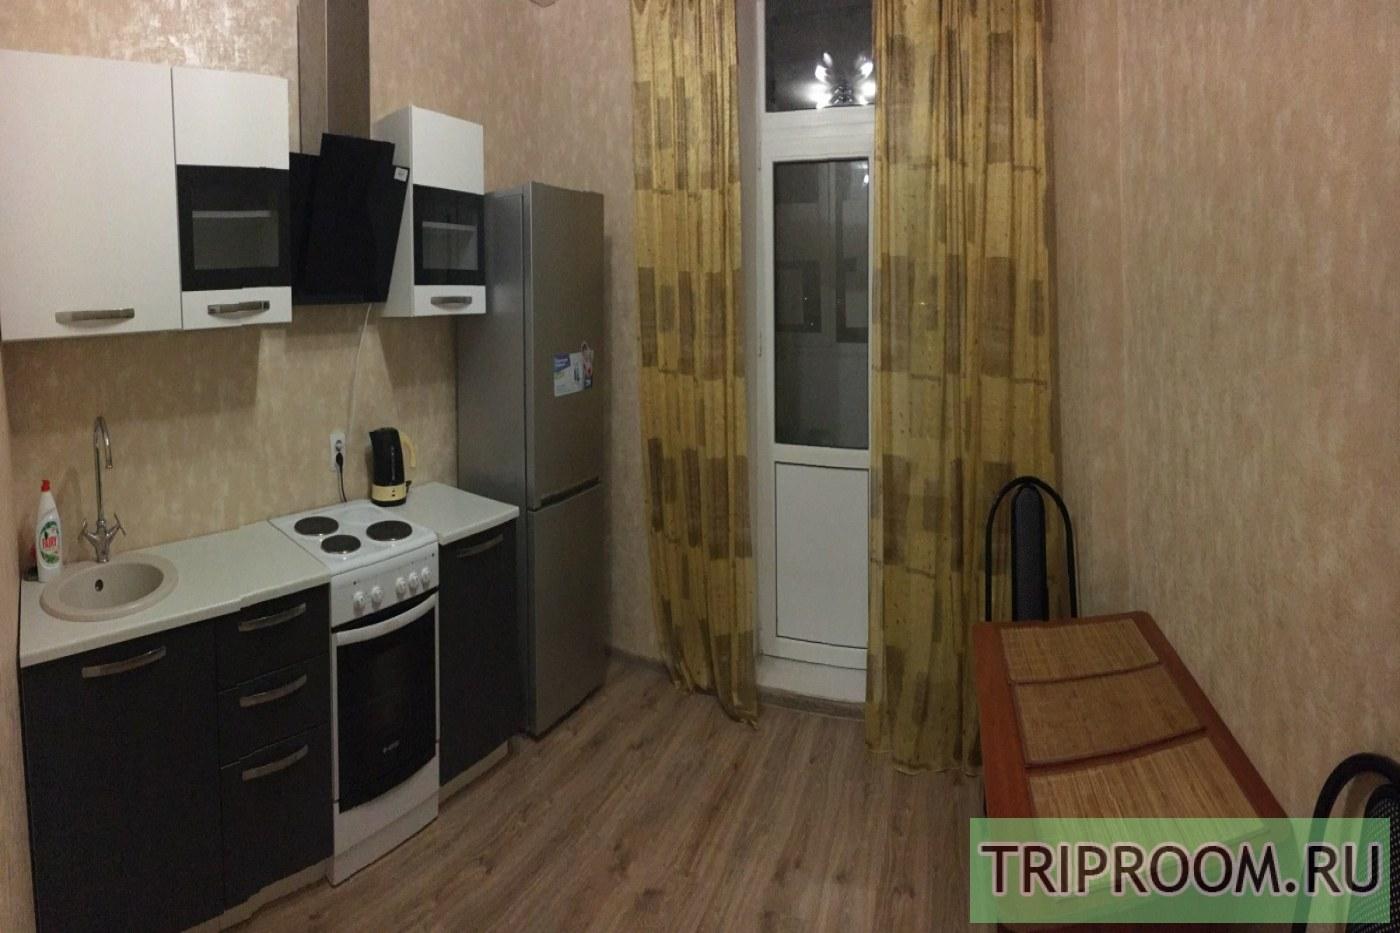 1-комнатная квартира посуточно (вариант № 37485), ул. Восточно-Кругликовская улица, фото № 6